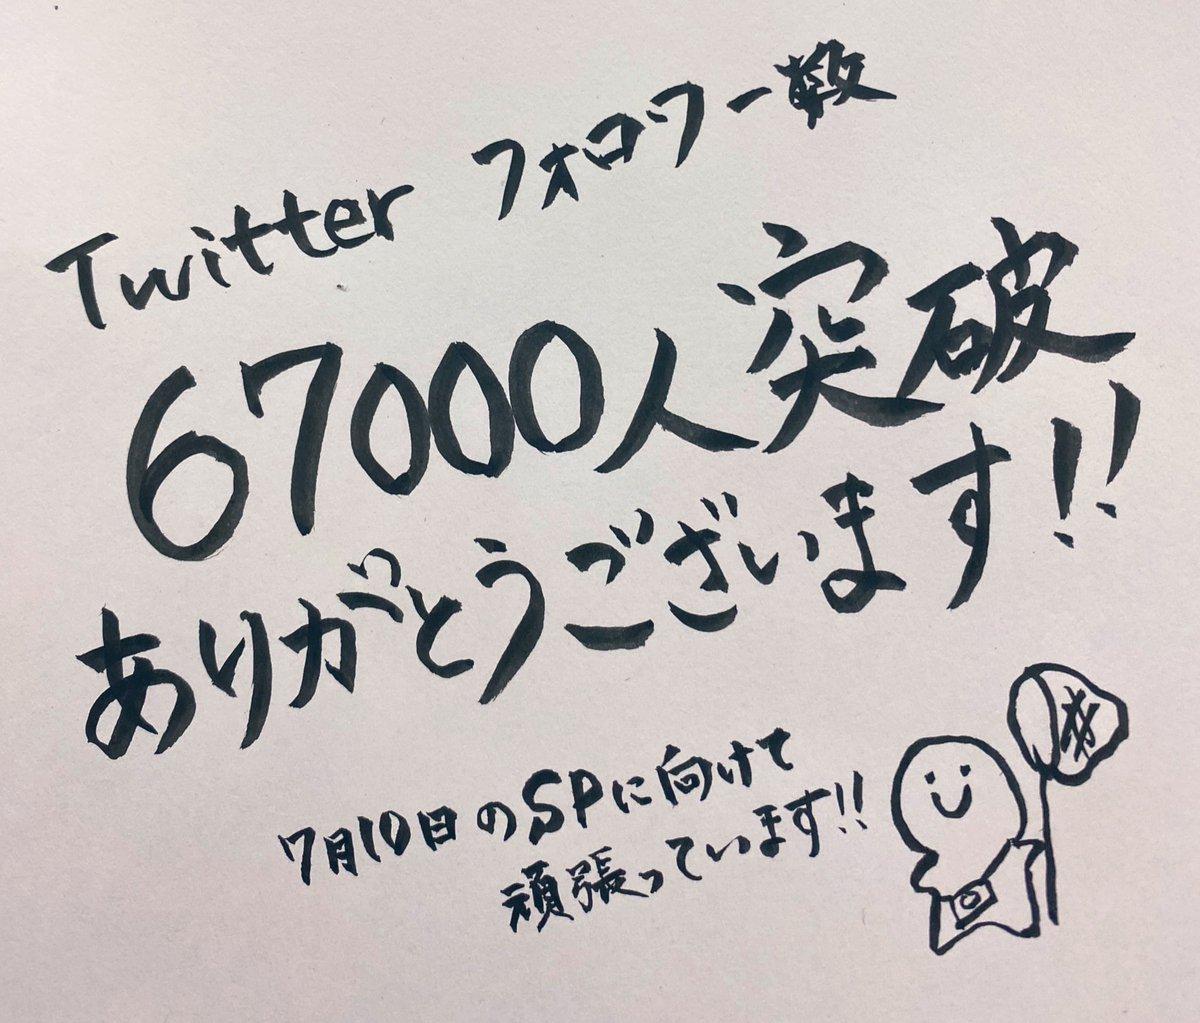 【✨感謝✨】フォロワーさん67000人突破!ありがとうございます!今週のNEWSな2人1hSPもお楽しみに!!#NEWSな2人 #コヤシゲ #tbs